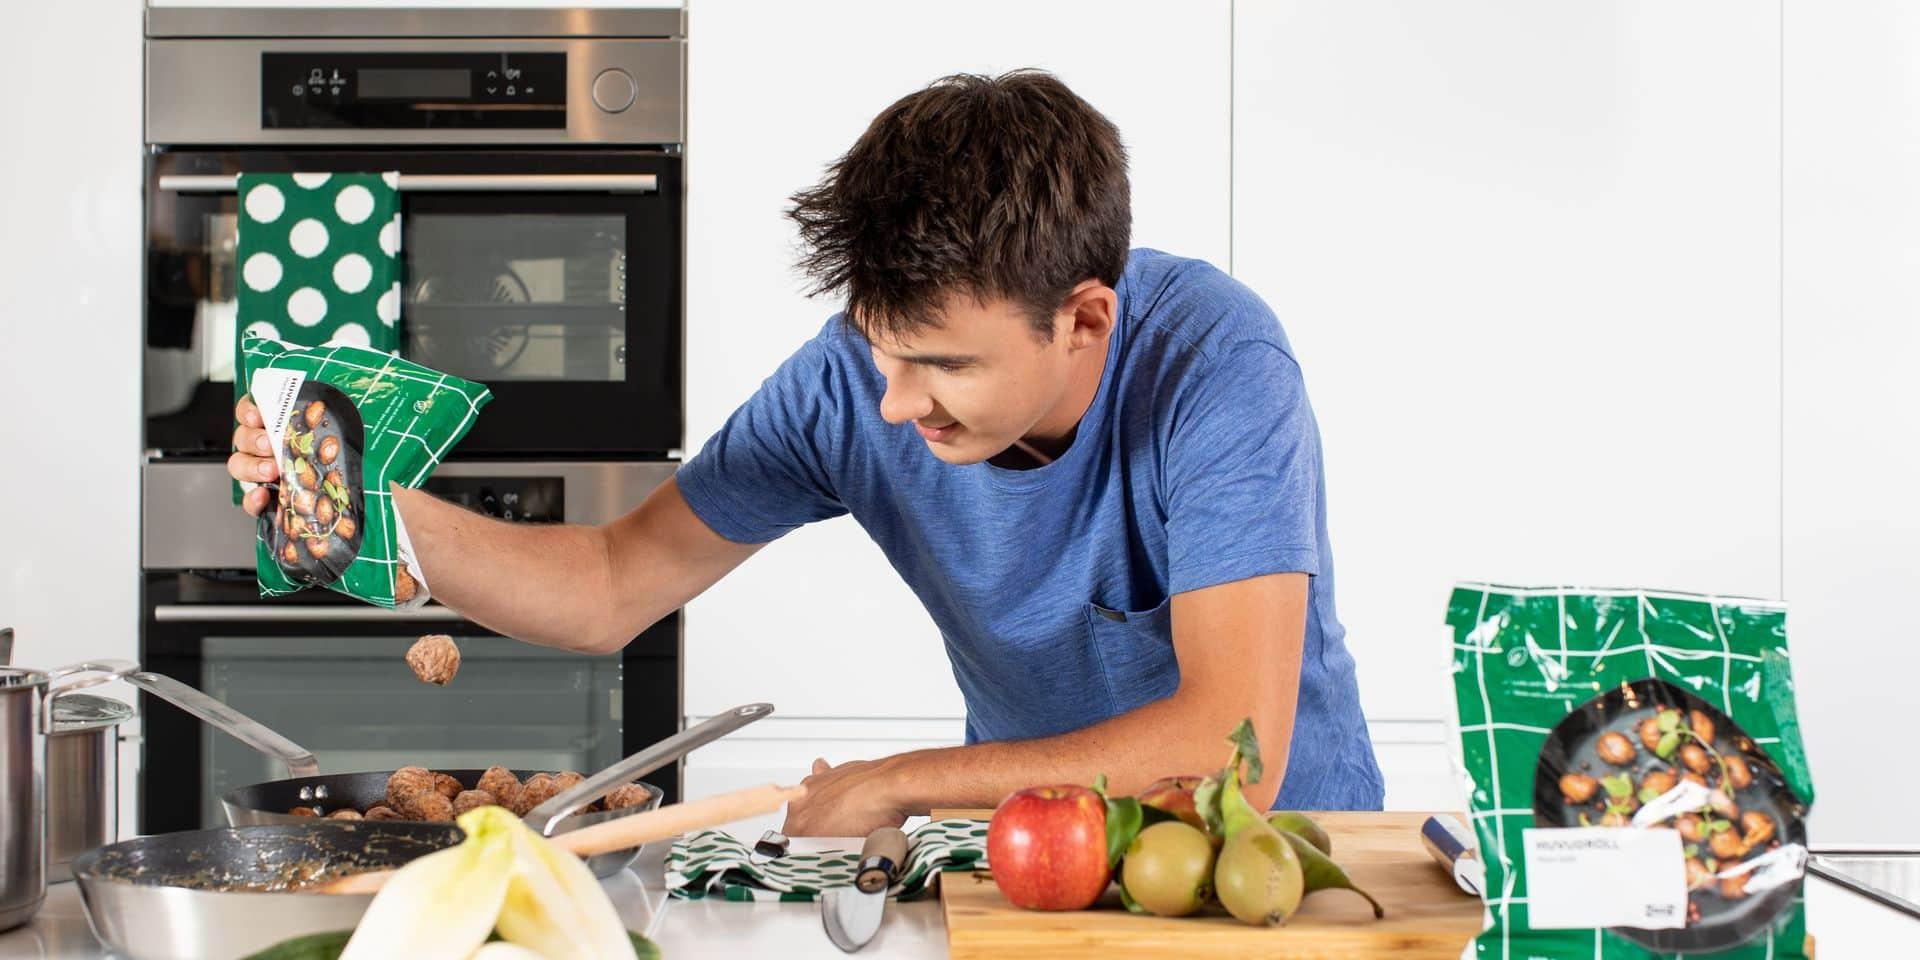 Des boulettes belges, sans viande au goût de viande chez Ikea : le chef Loïc Van Impe dévoile la façon dont il a conçu leur recette